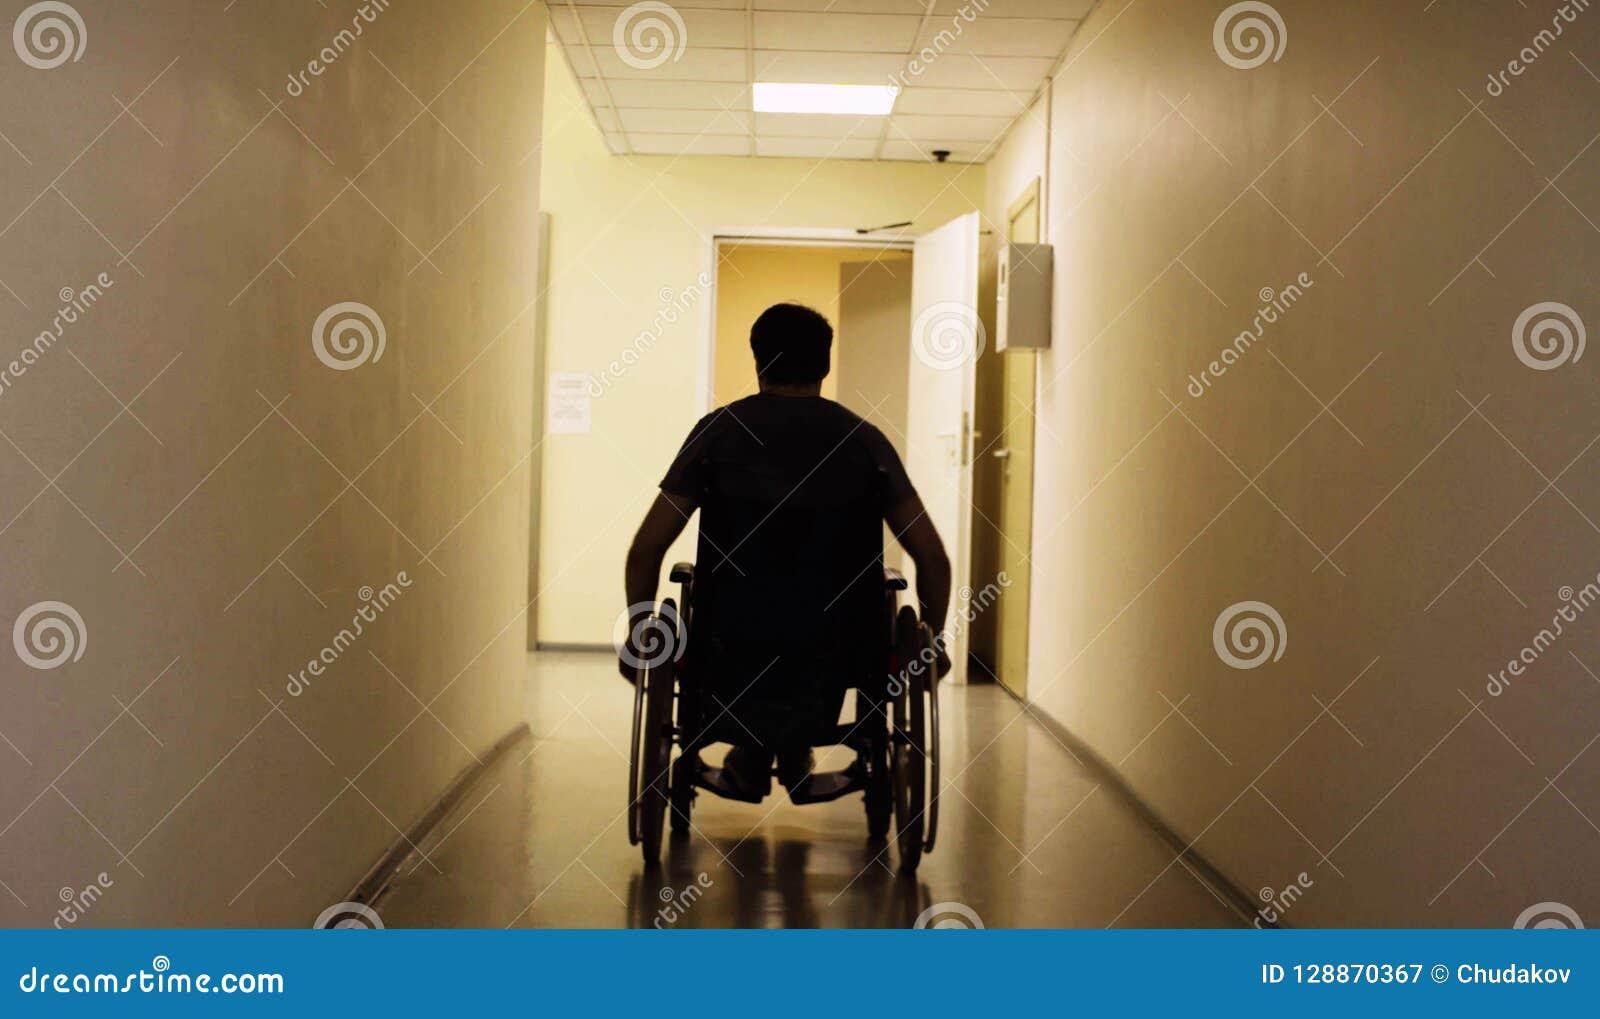 Silueta del hombre discapacitado en una silla de ruedas en el centro de rehabilitación